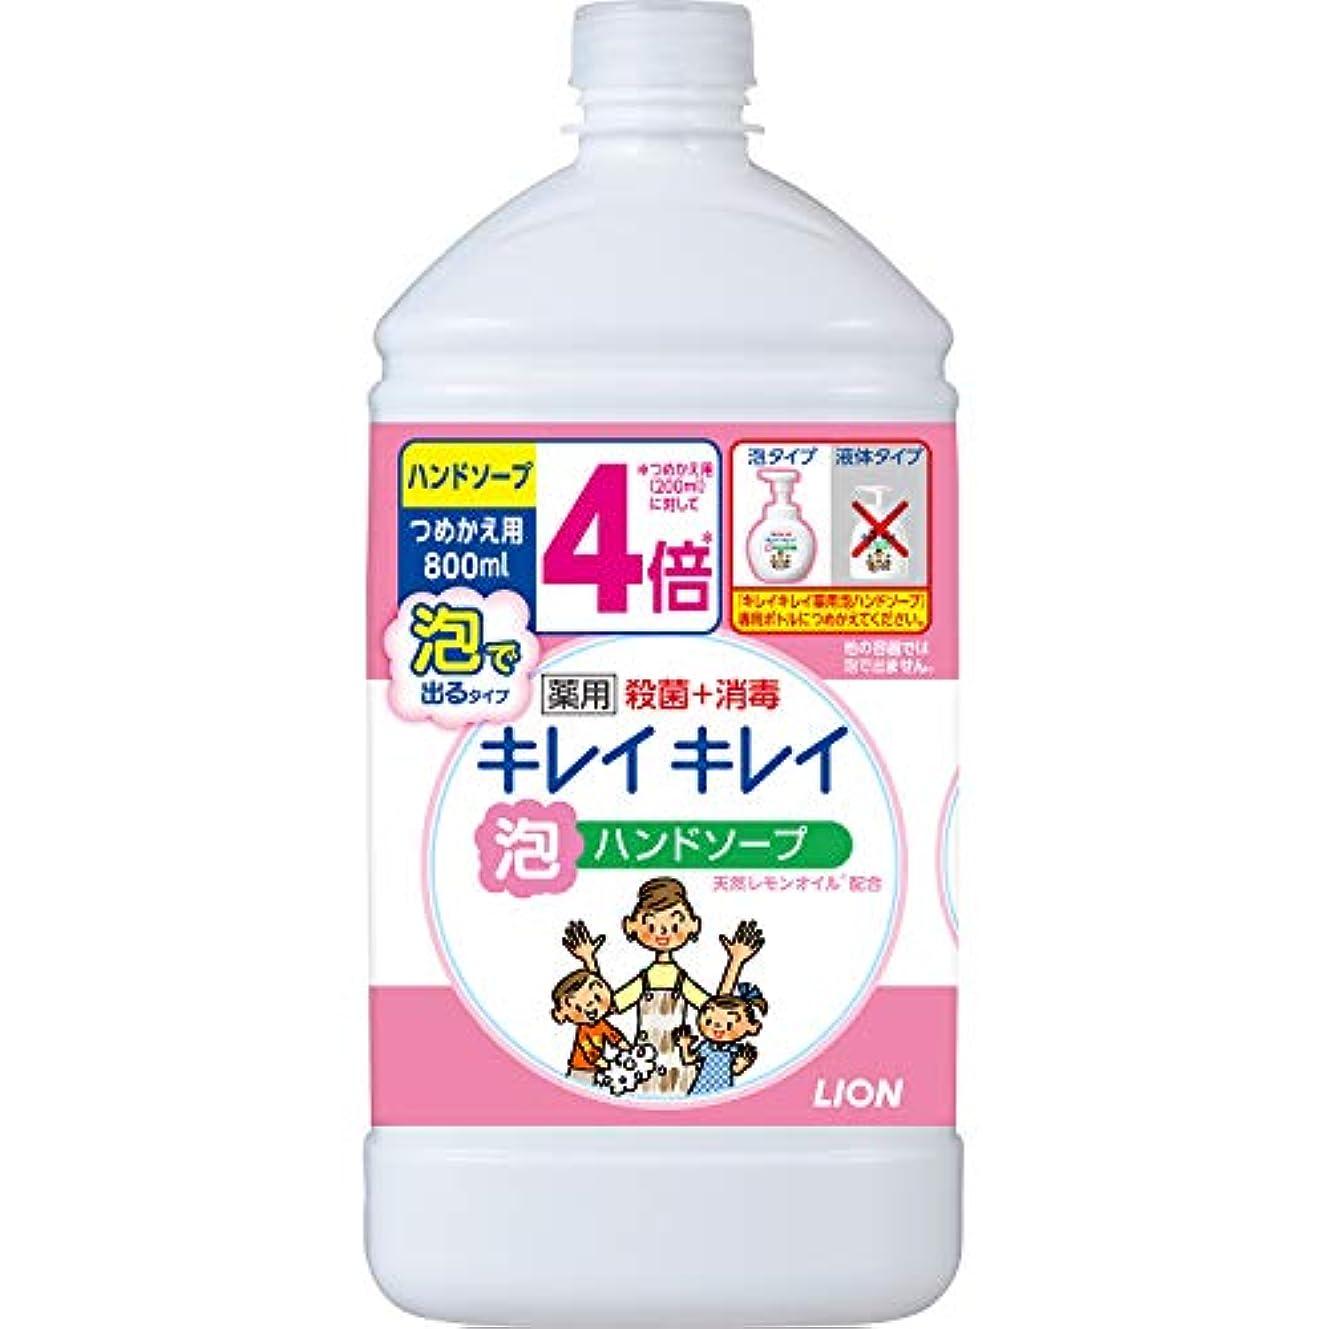 しないコットンパック(医薬部外品)【大容量】キレイキレイ 薬用 泡ハンドソープ シトラスフルーティの香り 詰替特大 800ml